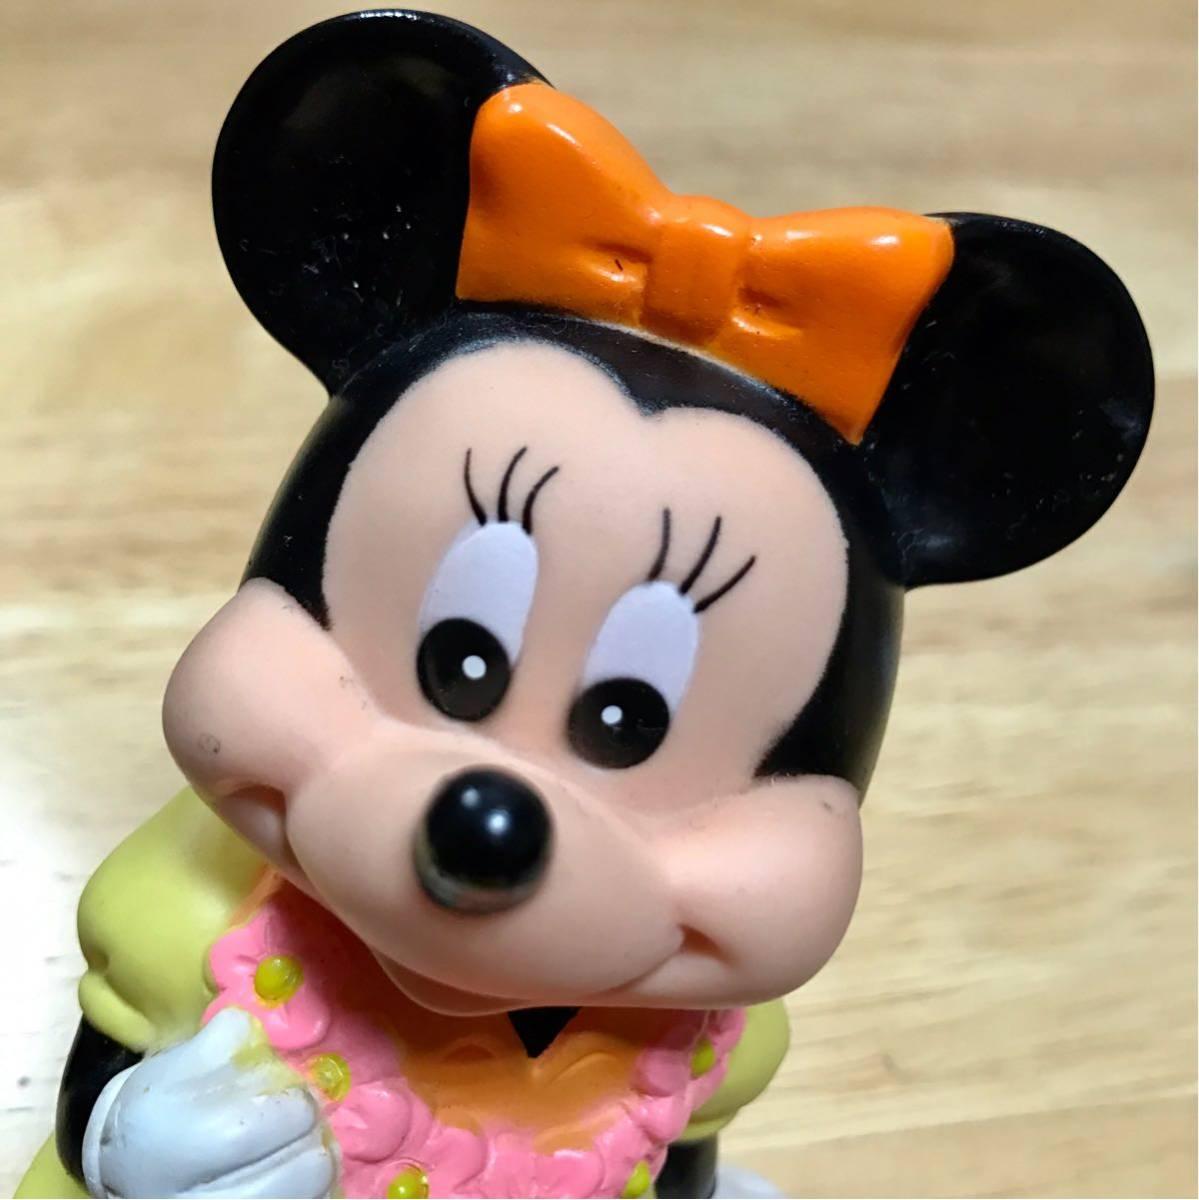 三菱銀行 ☆ Mitsubishi Bank ☆ ミッキーマウス ☆ ミニーマウス ☆ 貯金箱 ☆ 非売品 ☆ 限定品 ☆ 中古品 ☆ フィギュア ☆ ノベルティ_画像2